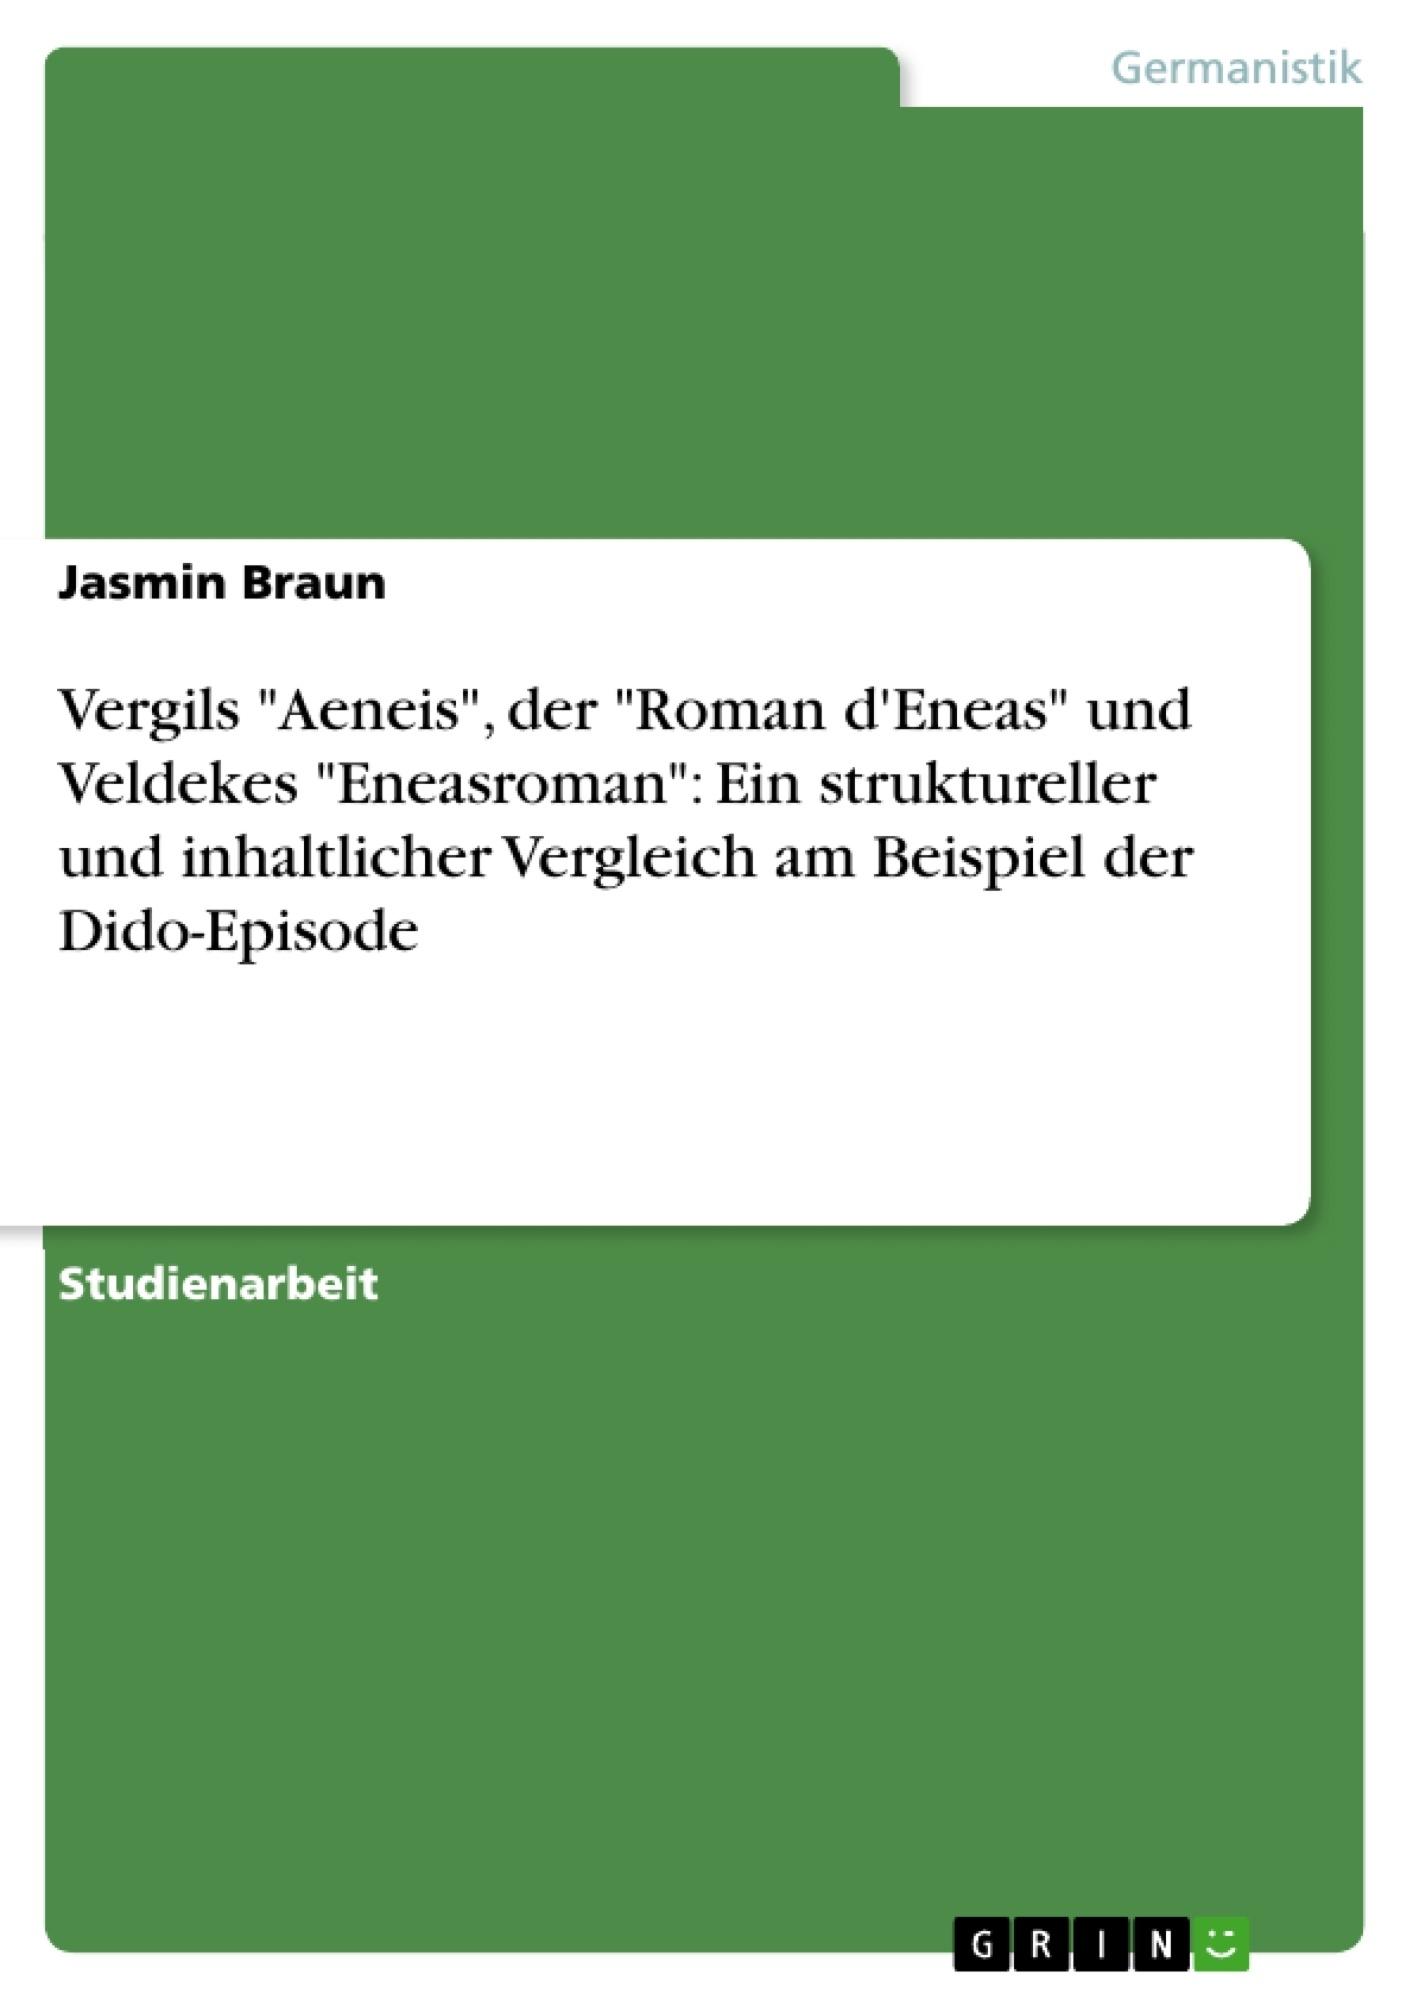 """Titel: Vergils """"Aeneis"""", der """"Roman d'Eneas"""" und Veldekes """"Eneasroman"""": Ein struktureller und inhaltlicher Vergleich am Beispiel der Dido-Episode"""